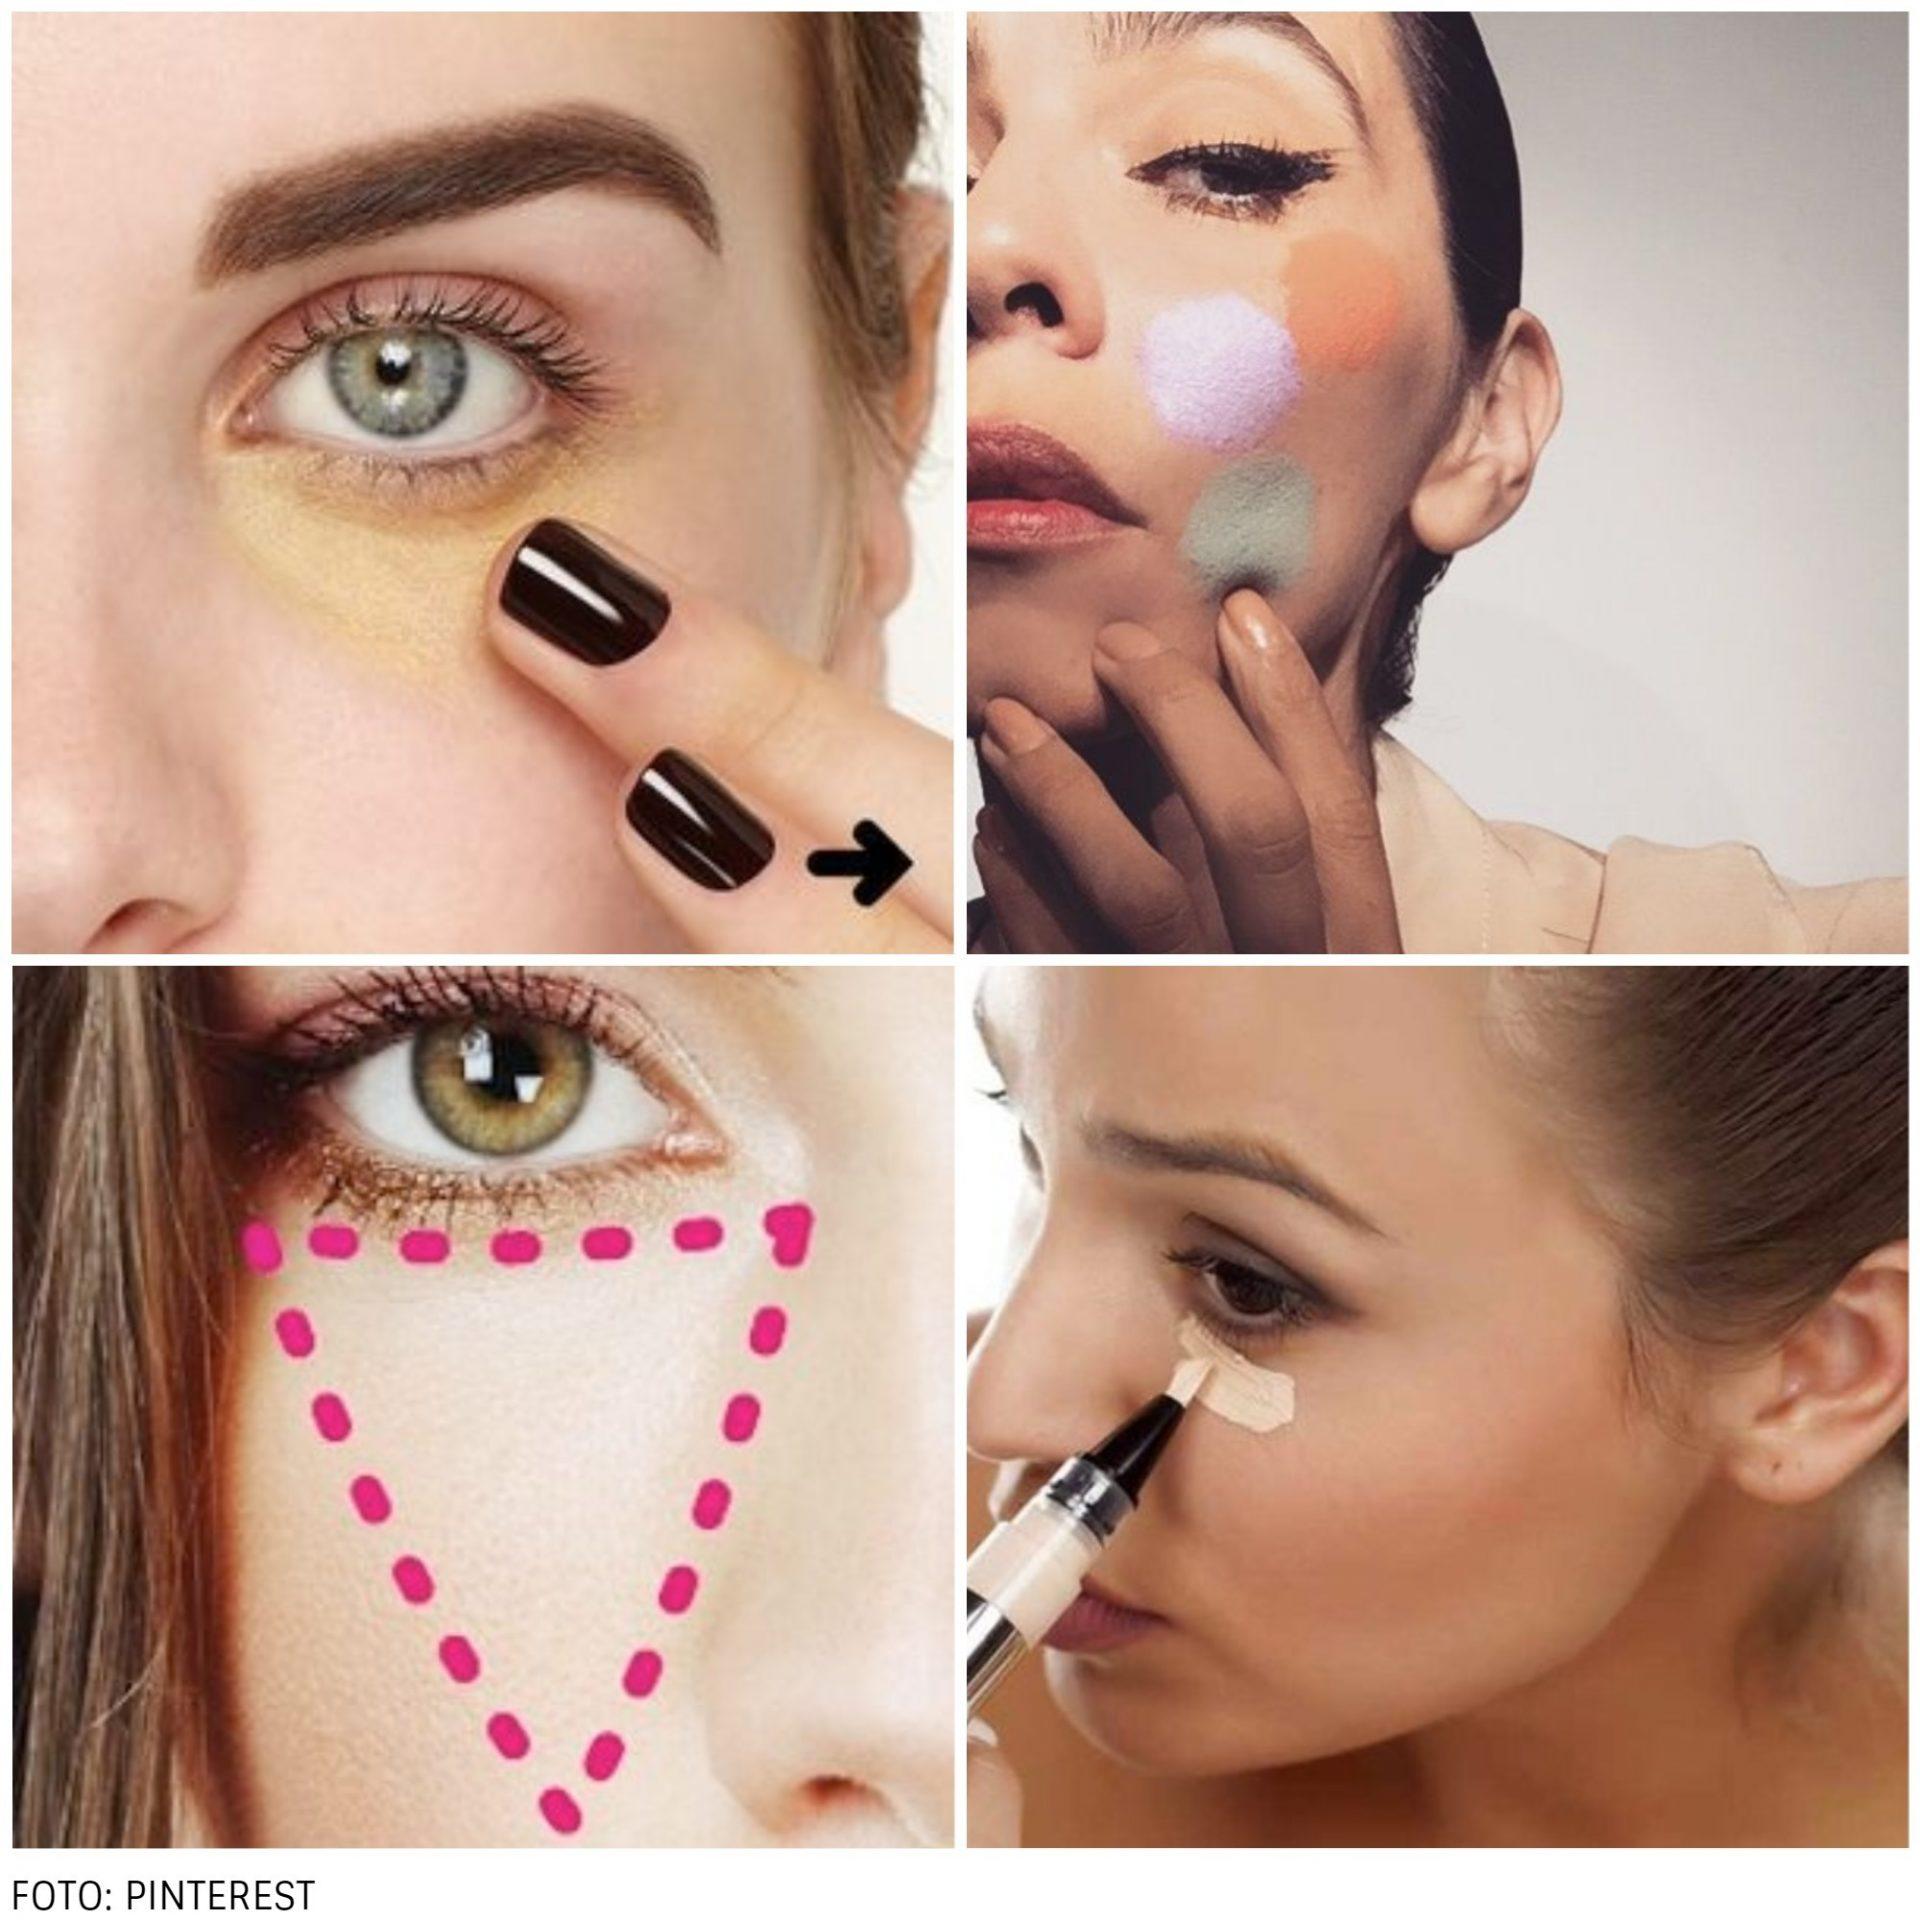 maquiagem fácil 20 - 5 dicas de maquiagem fácil (e com cara de profissional!) para meninas práticas